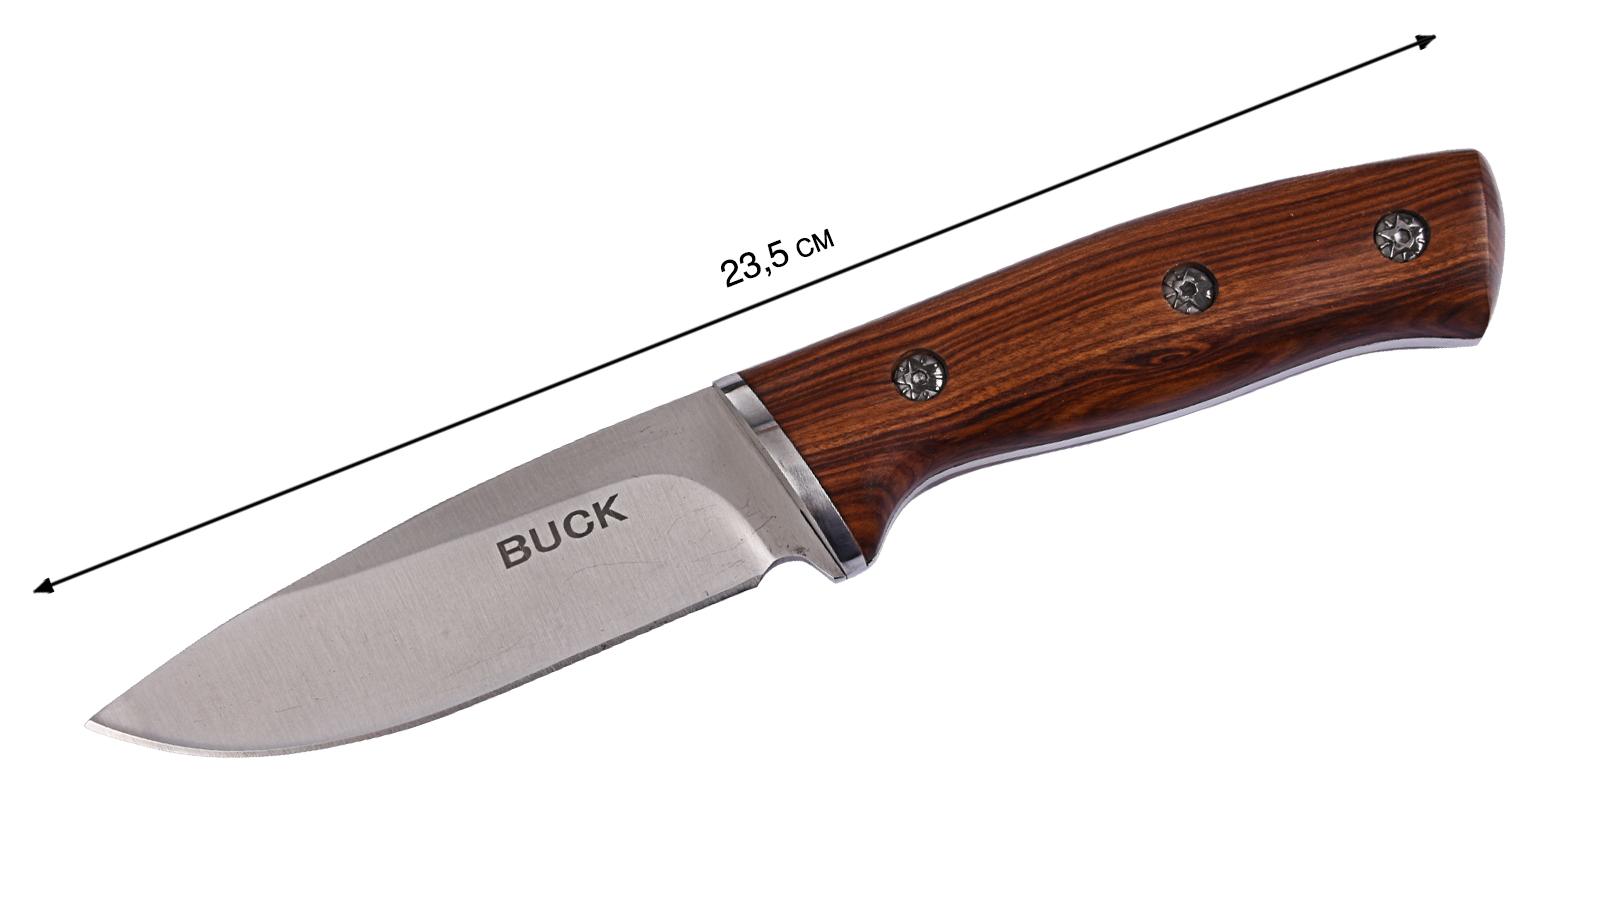 Охотничий нож Buck Knives - купить в интернет-магазине